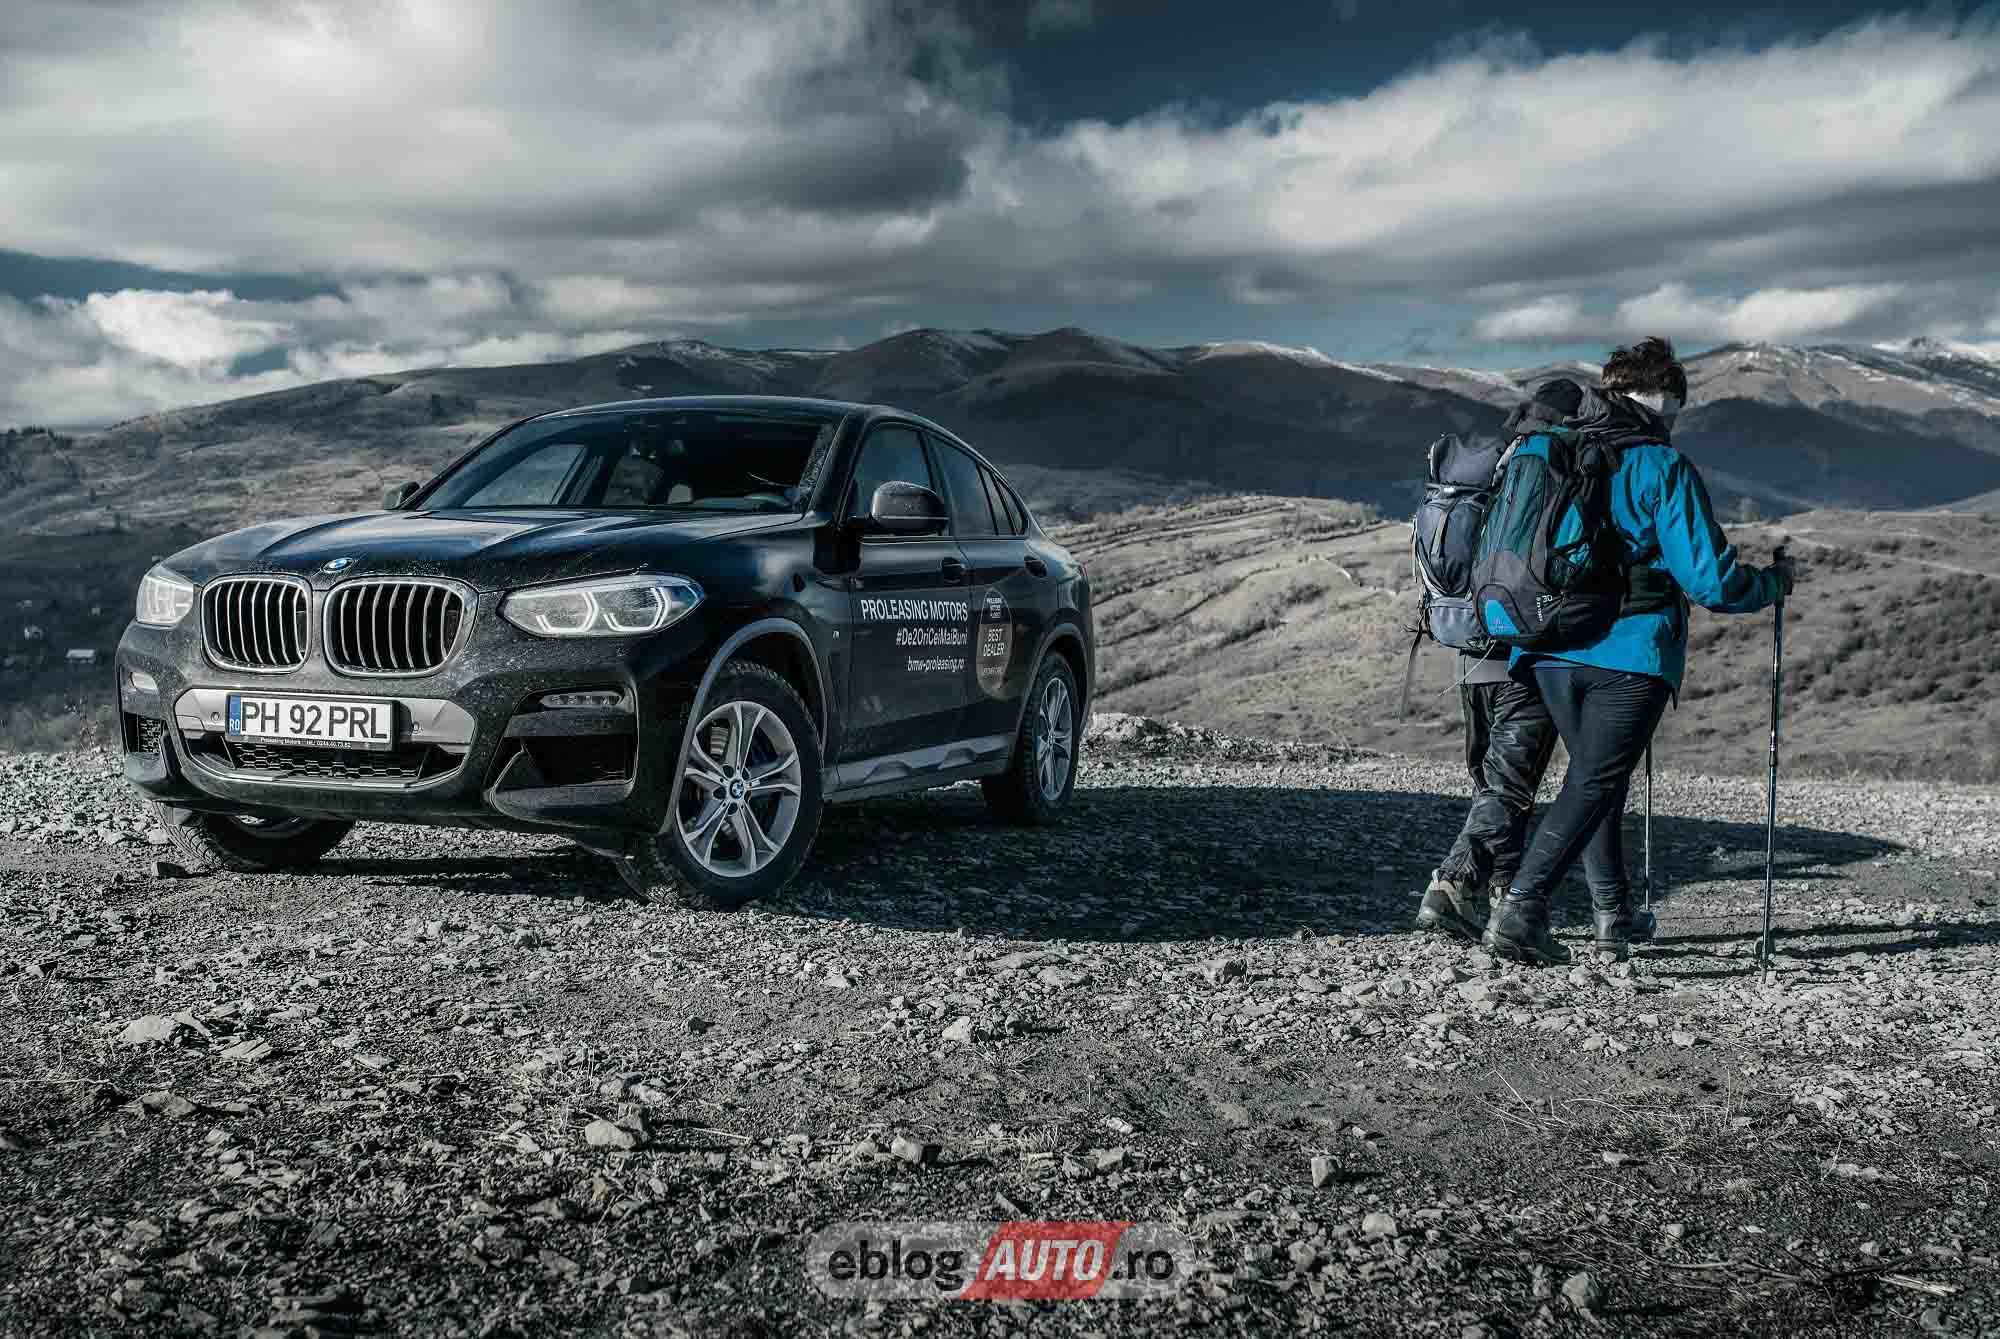 Test Drive BMW X4 2018 [VIDEO]